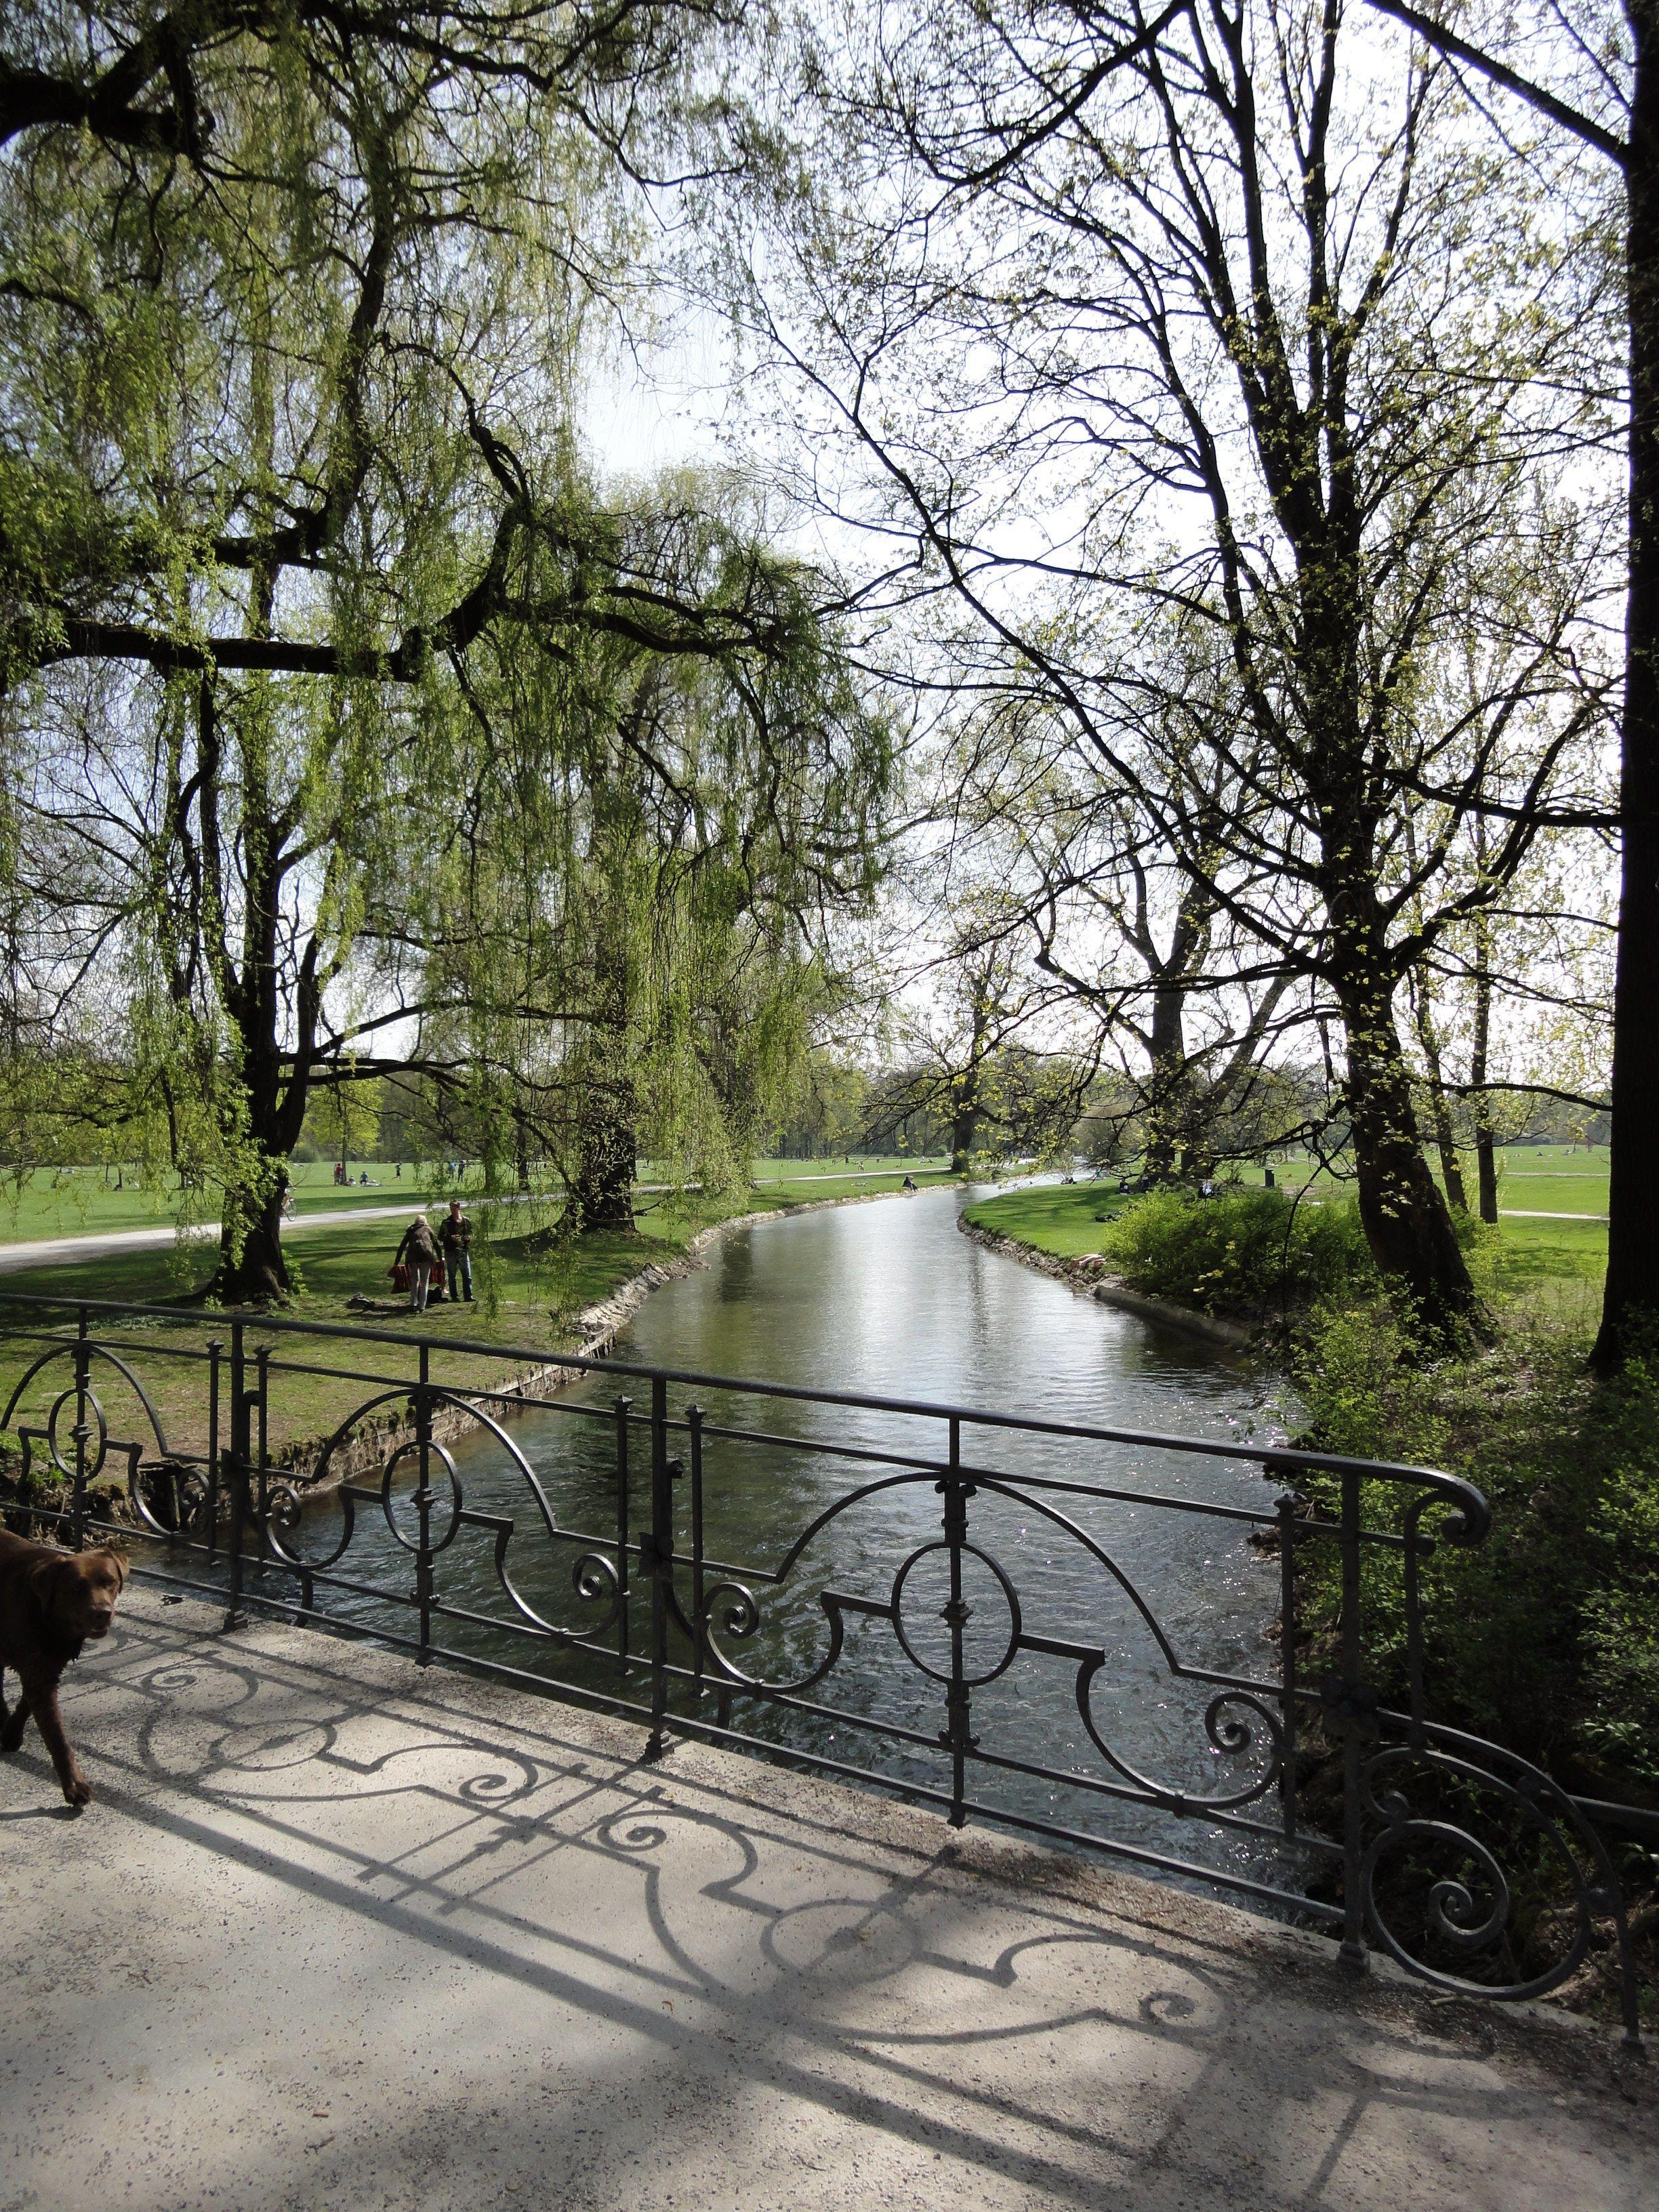 Englischer Garten Munchen English Garden Munich Germany